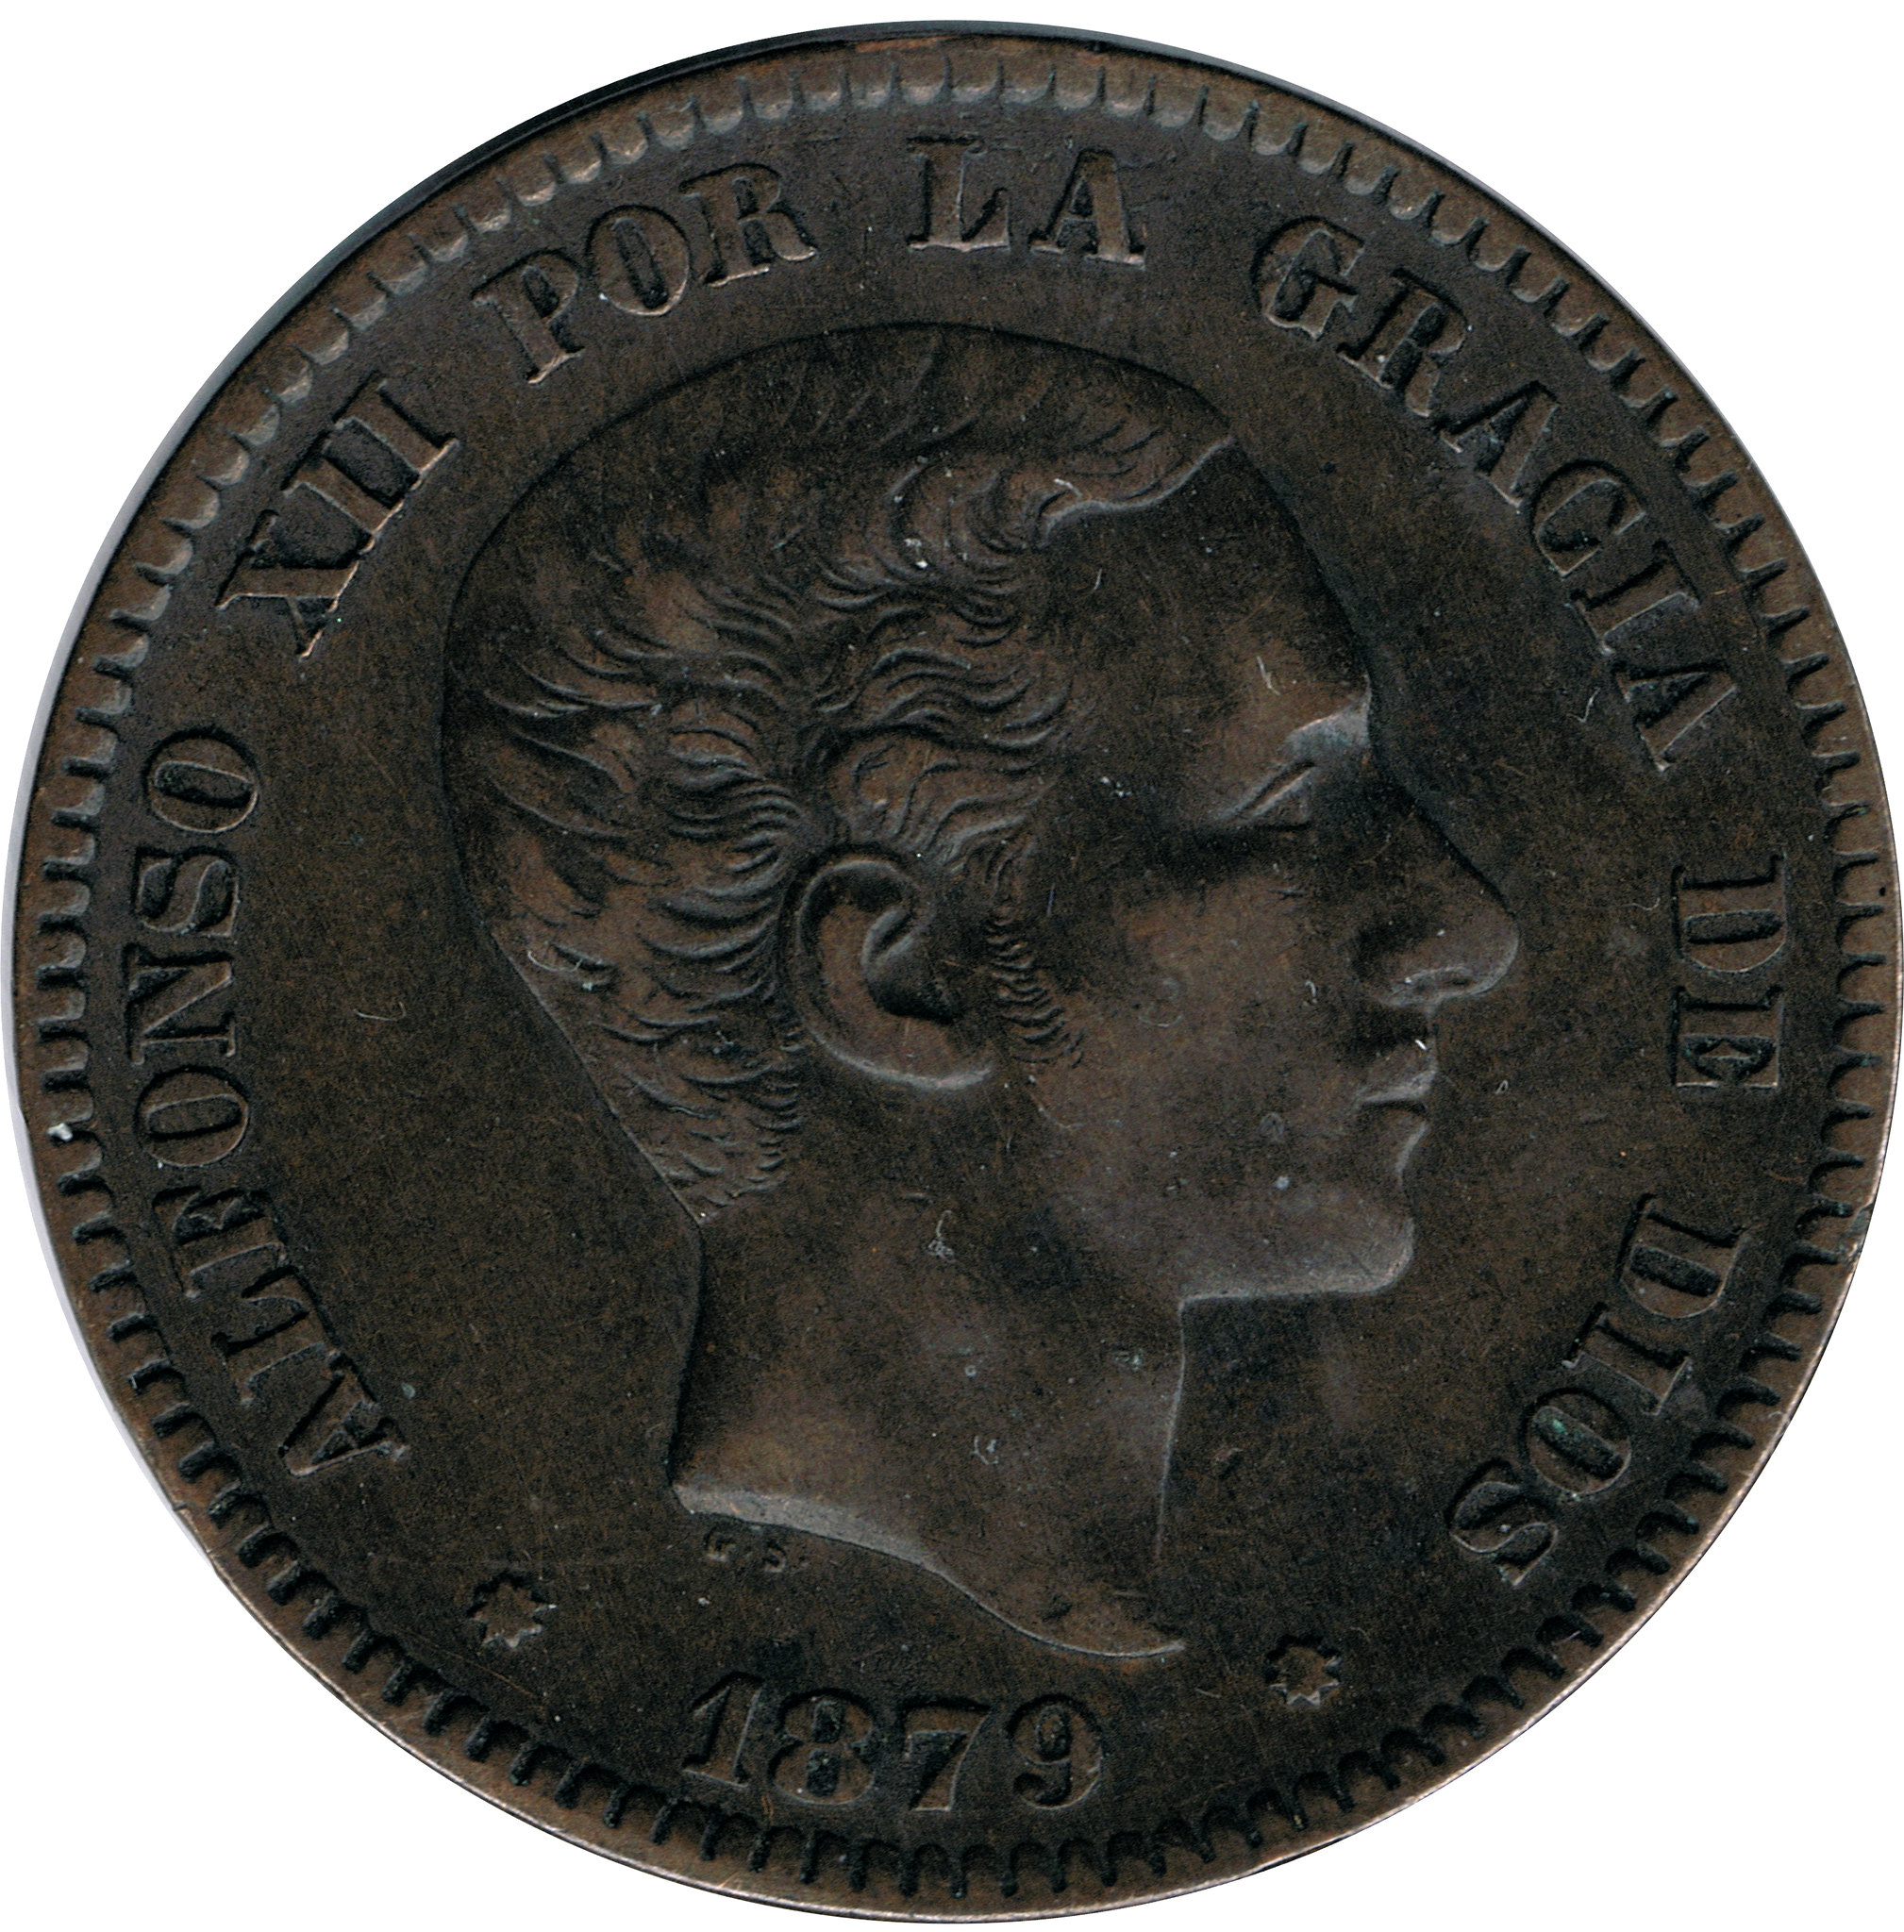 10 Centimos Alfonso XII 1879 8721195180_0e6f36c4dc_k